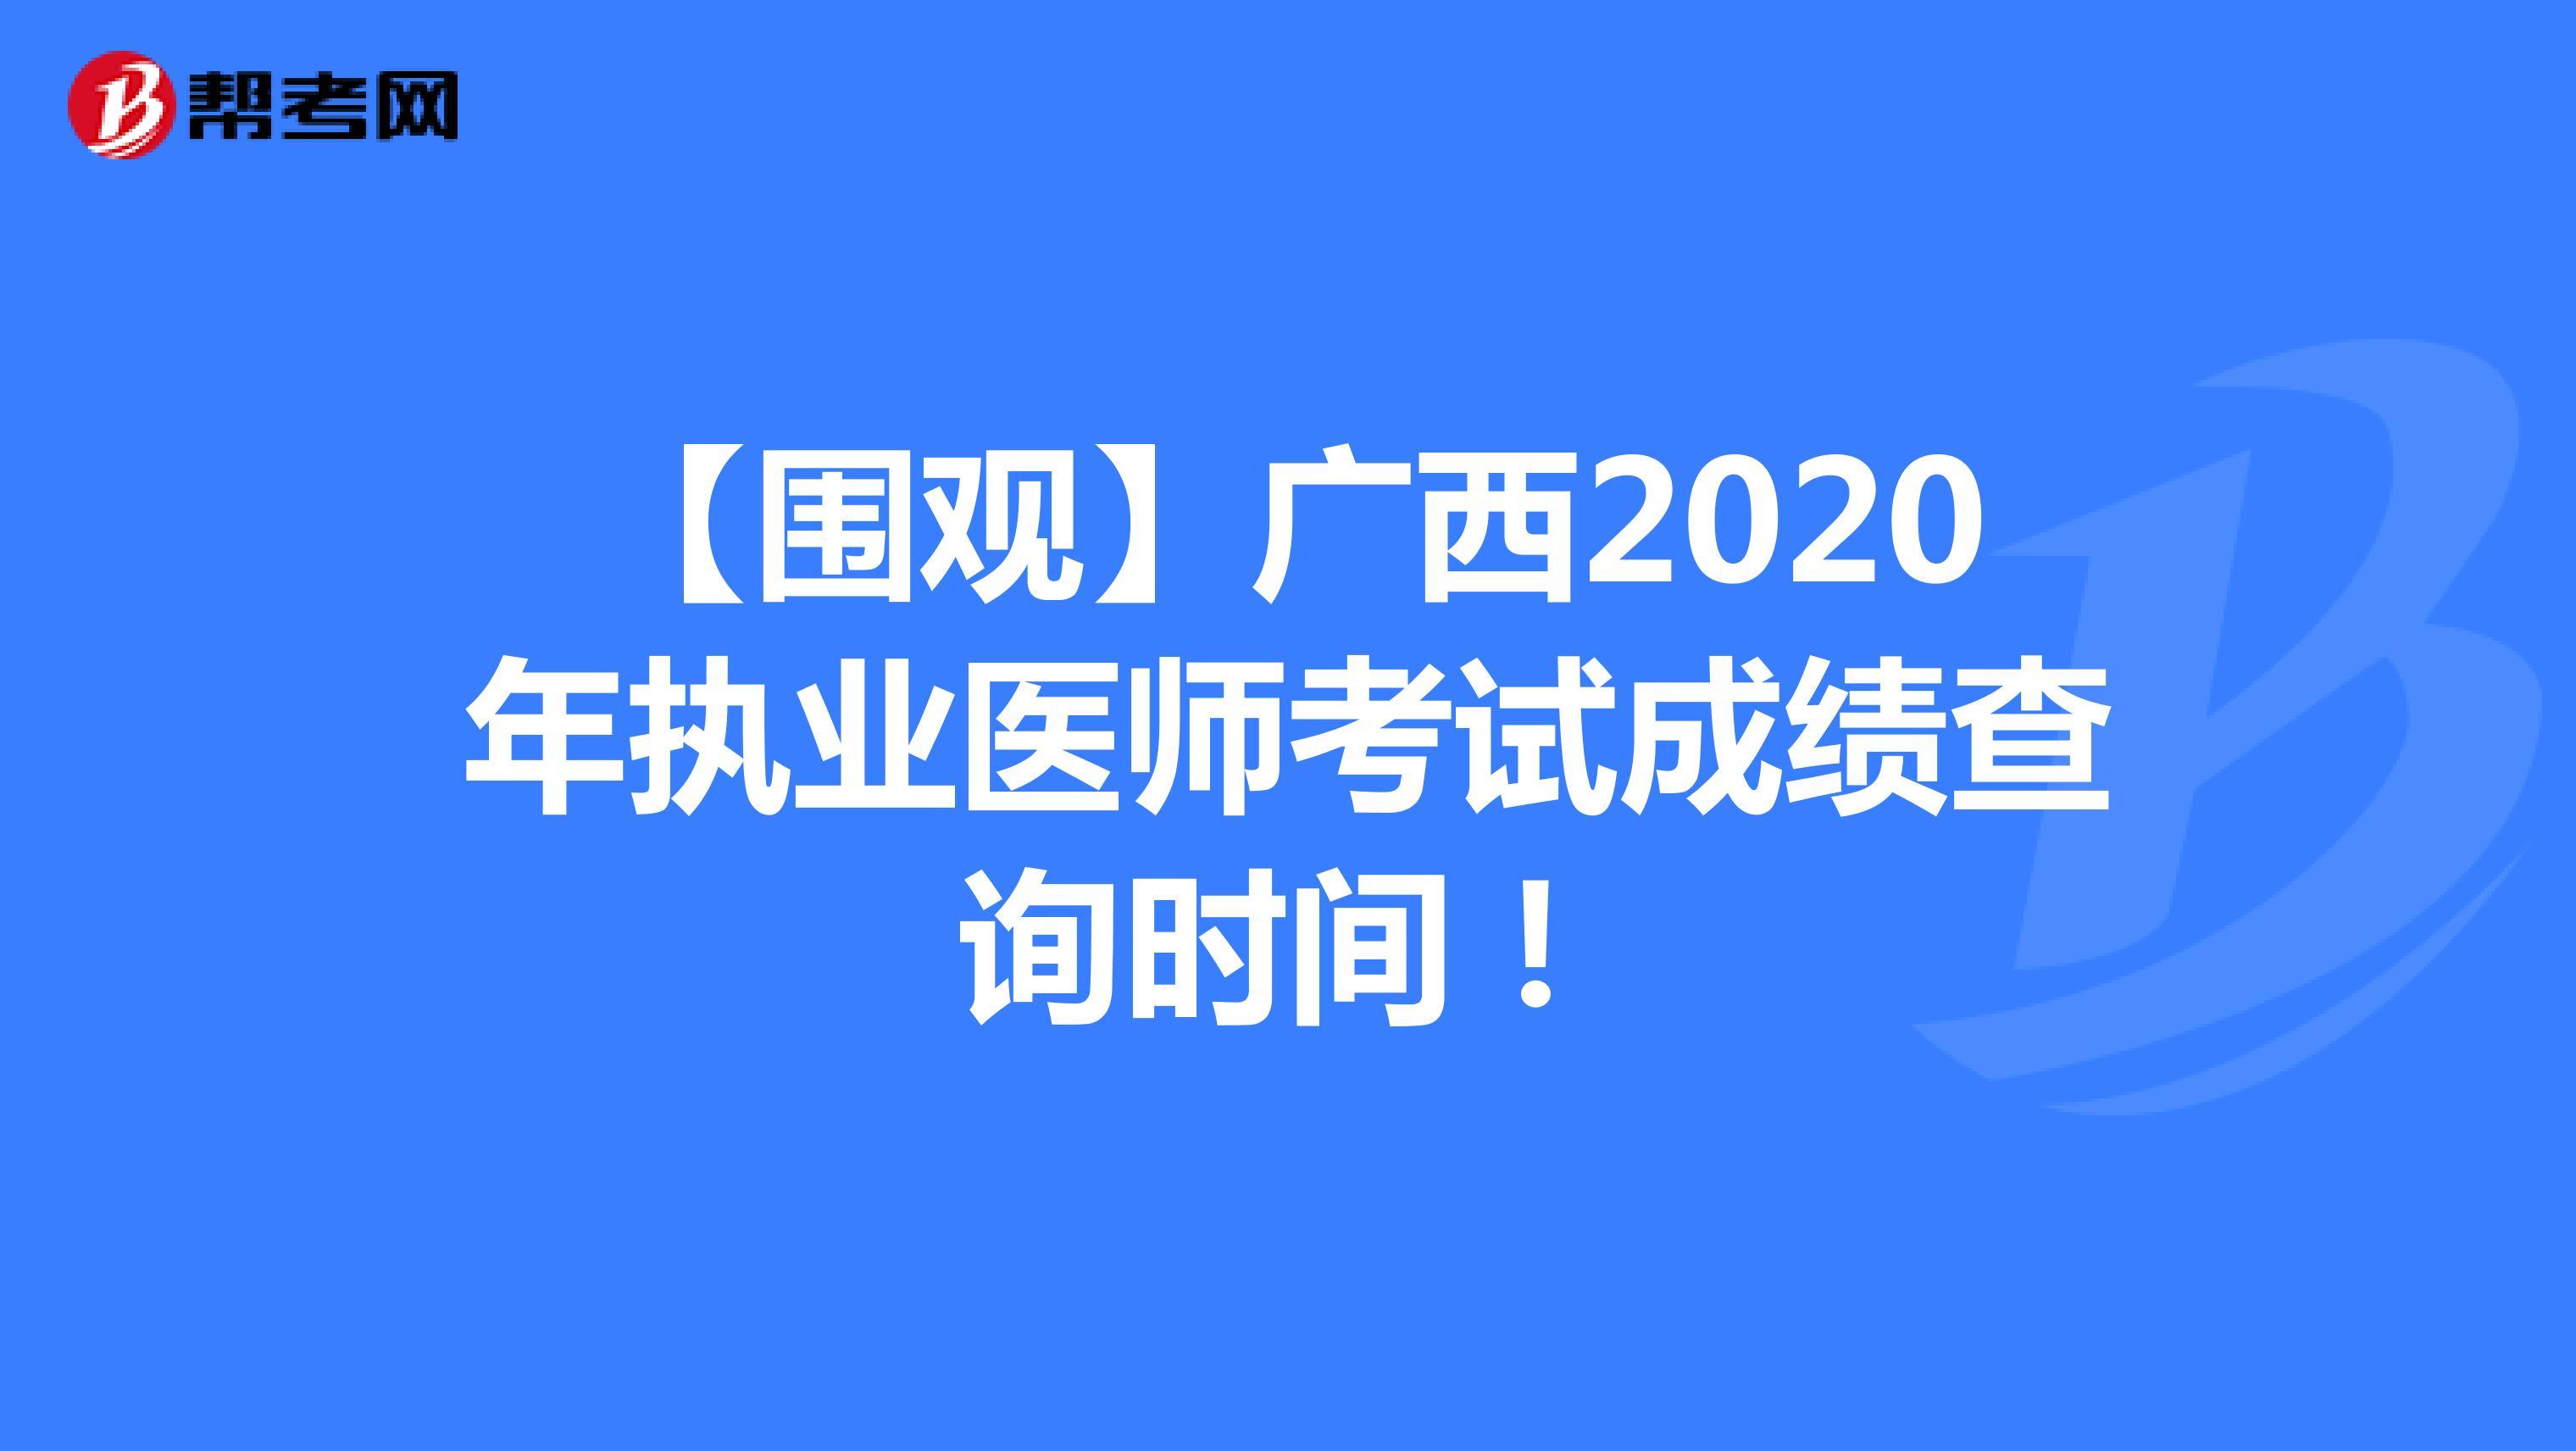 【围观】广西2020年执业医师考试成绩查询时间!